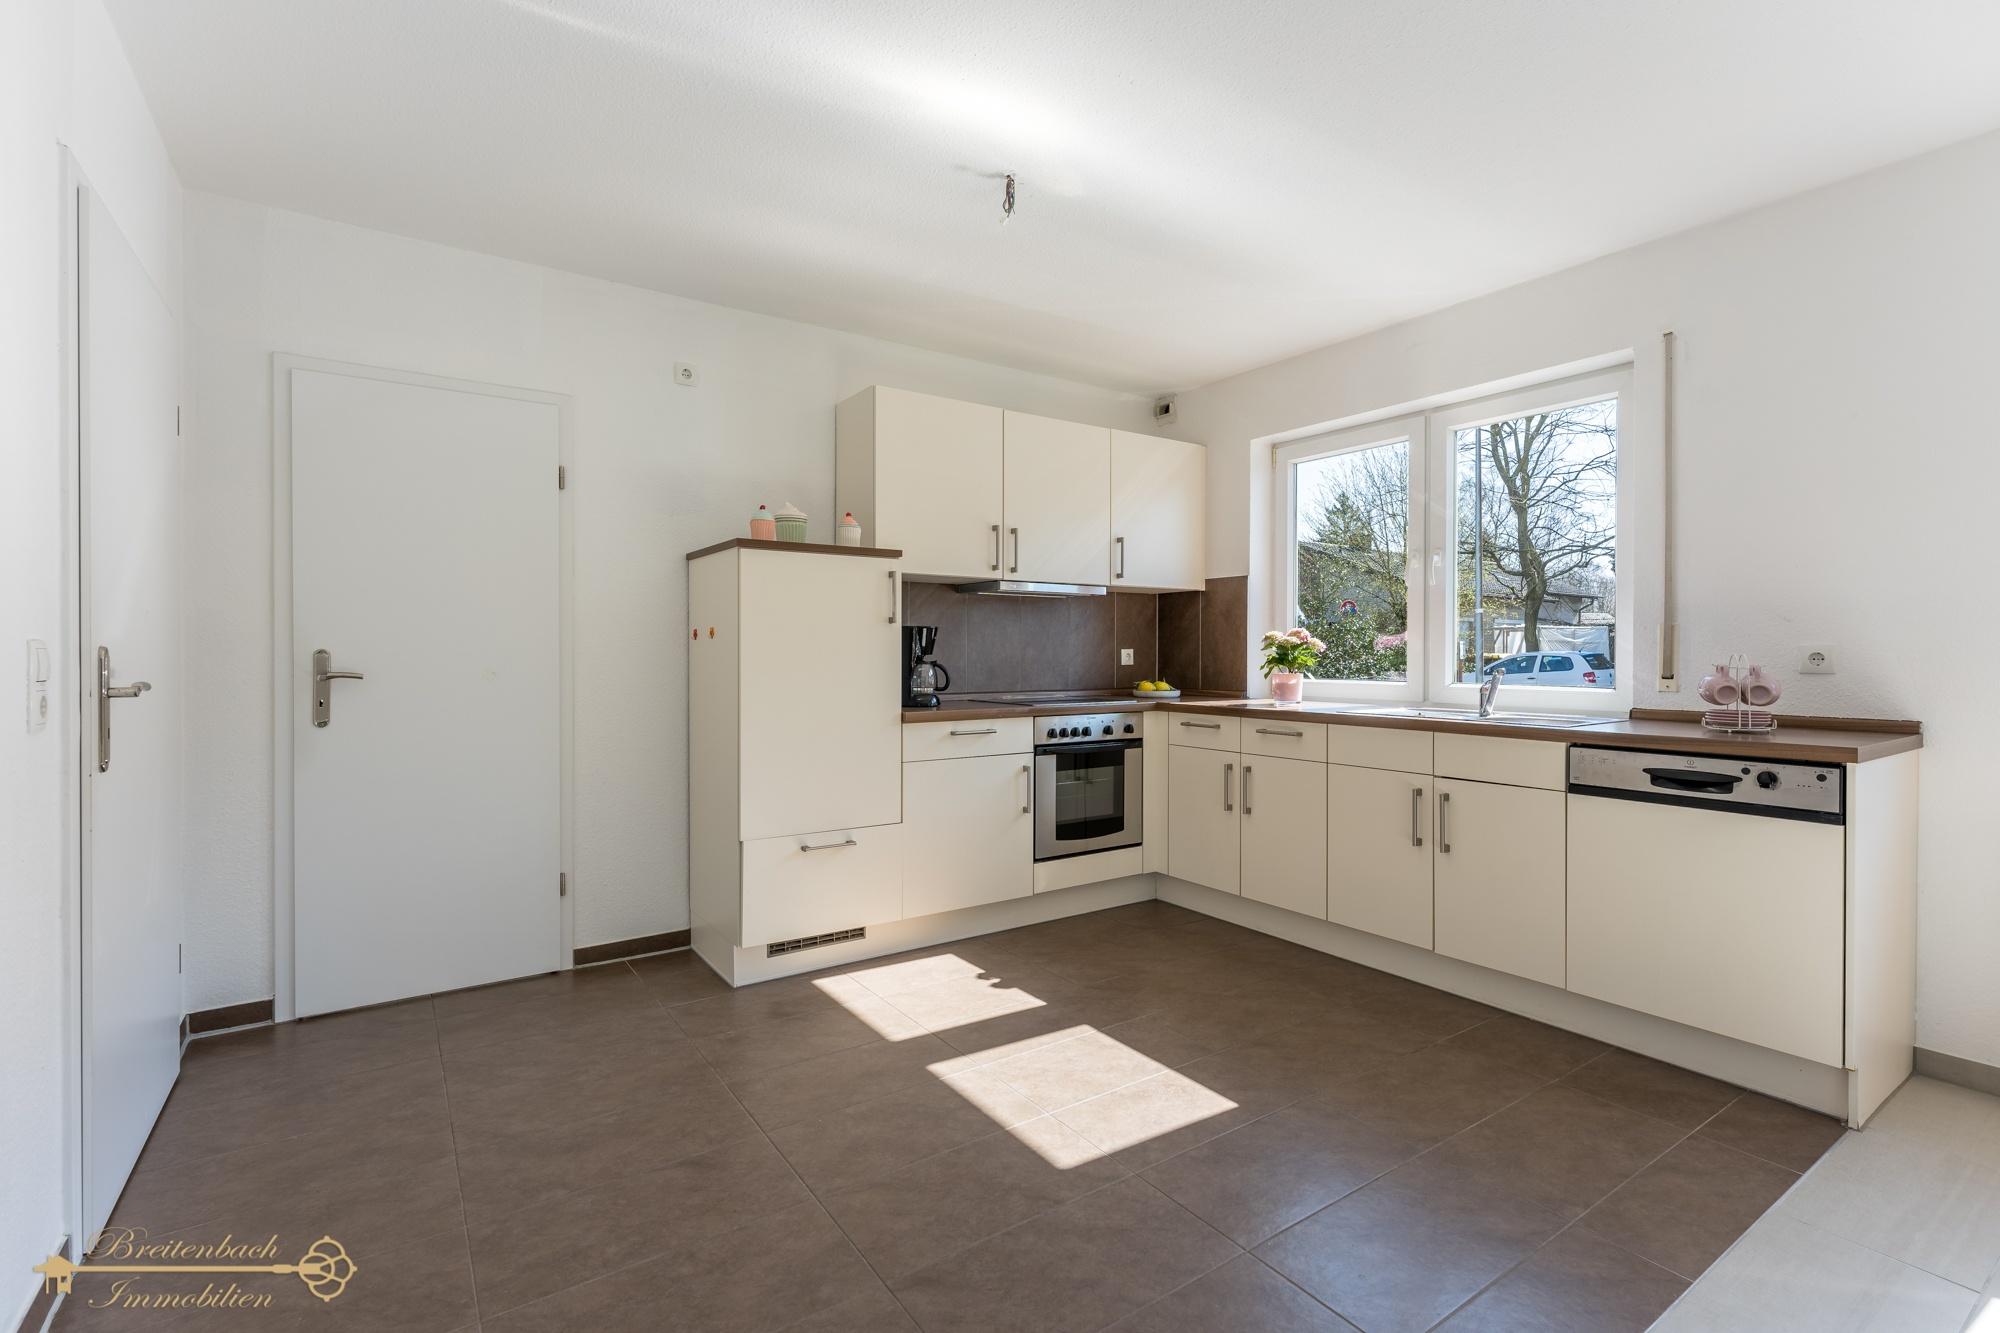 2021-03-29-Breitenbach-Immobilien-Makler-Bremen-19